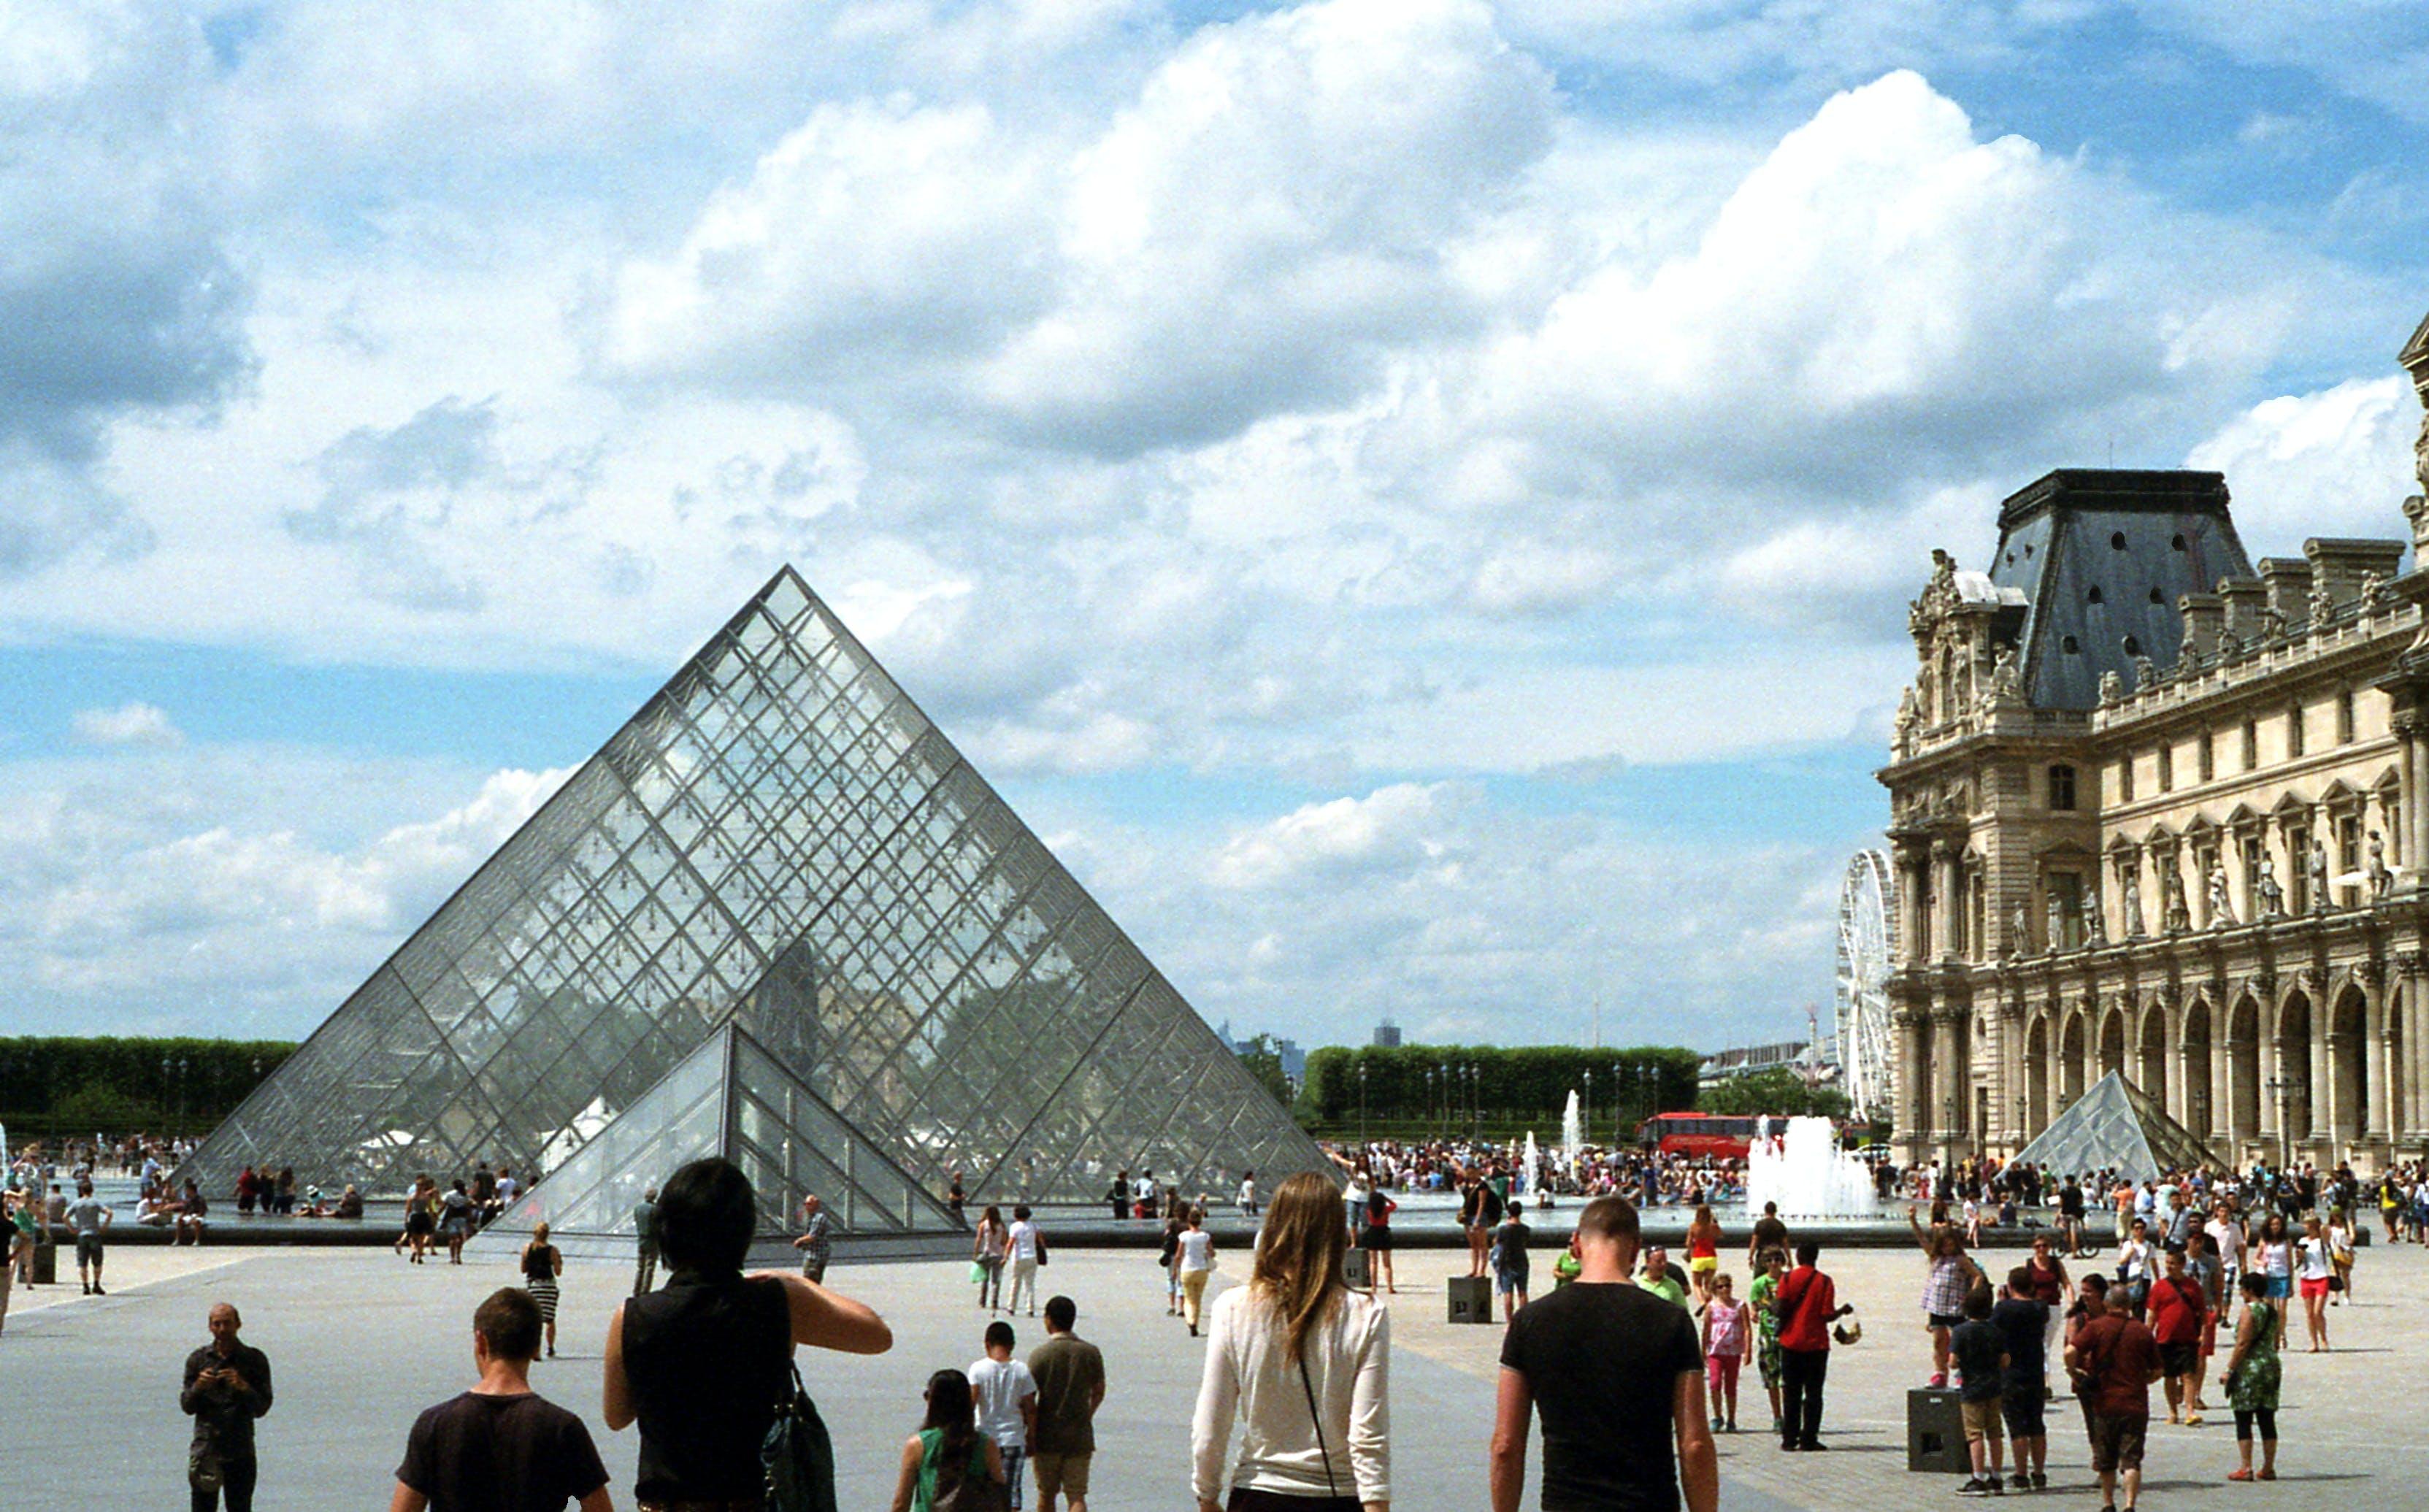 Imagine de stoc gratuită din aglomerație, arhitectură, atracție turistică, caldarâm